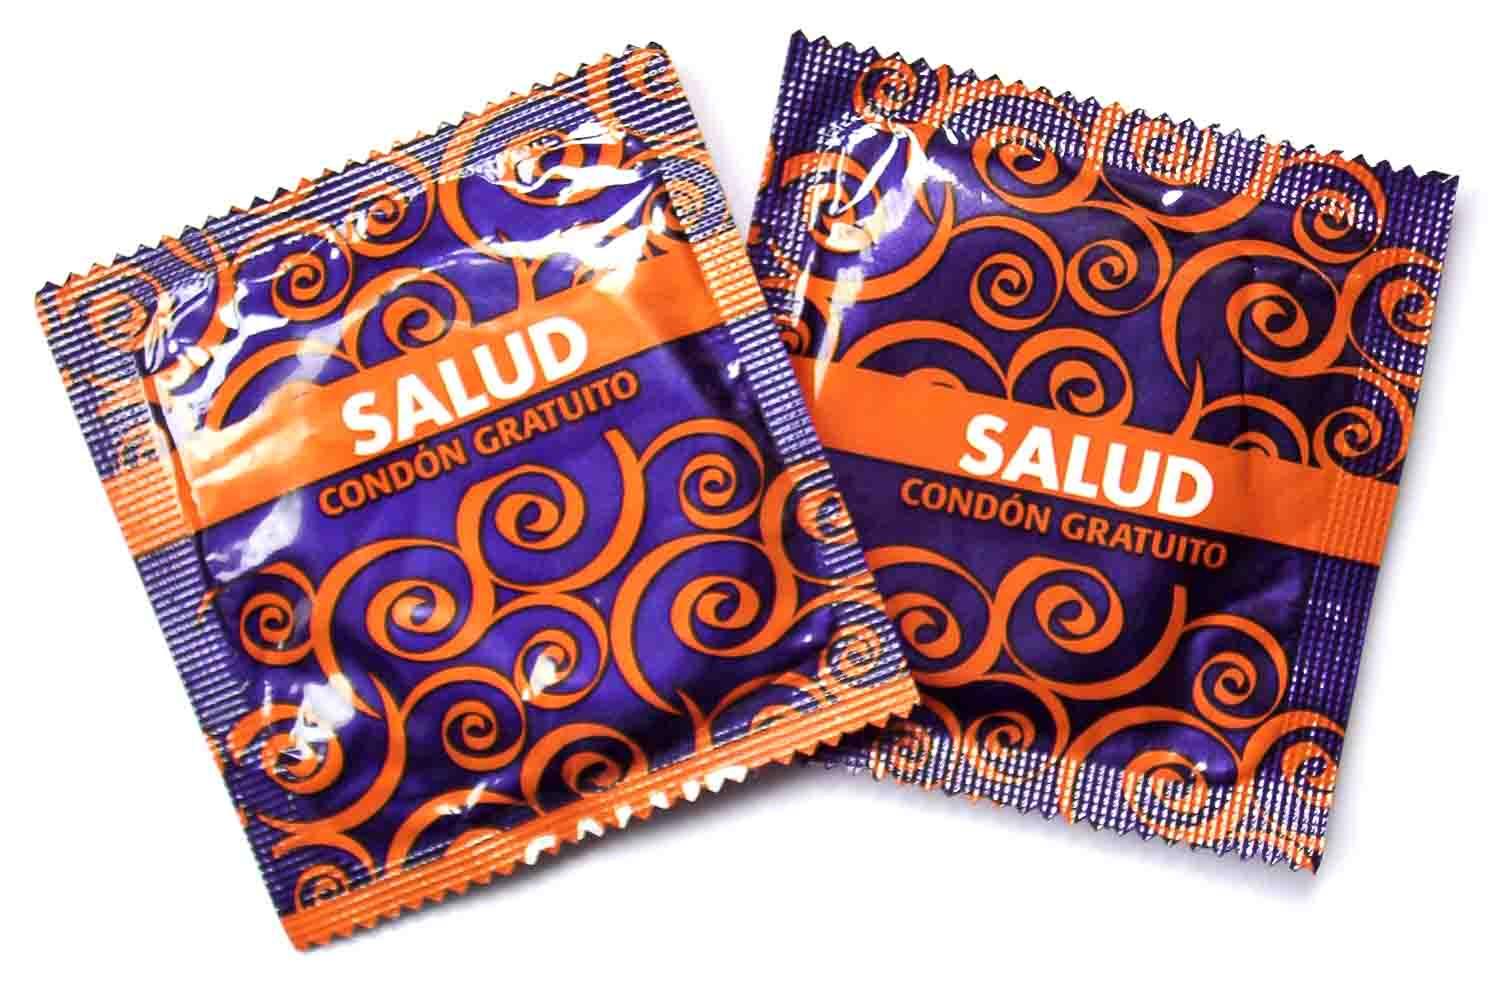 Durex Preservativos Gratuitos - Compra lotes baratos de